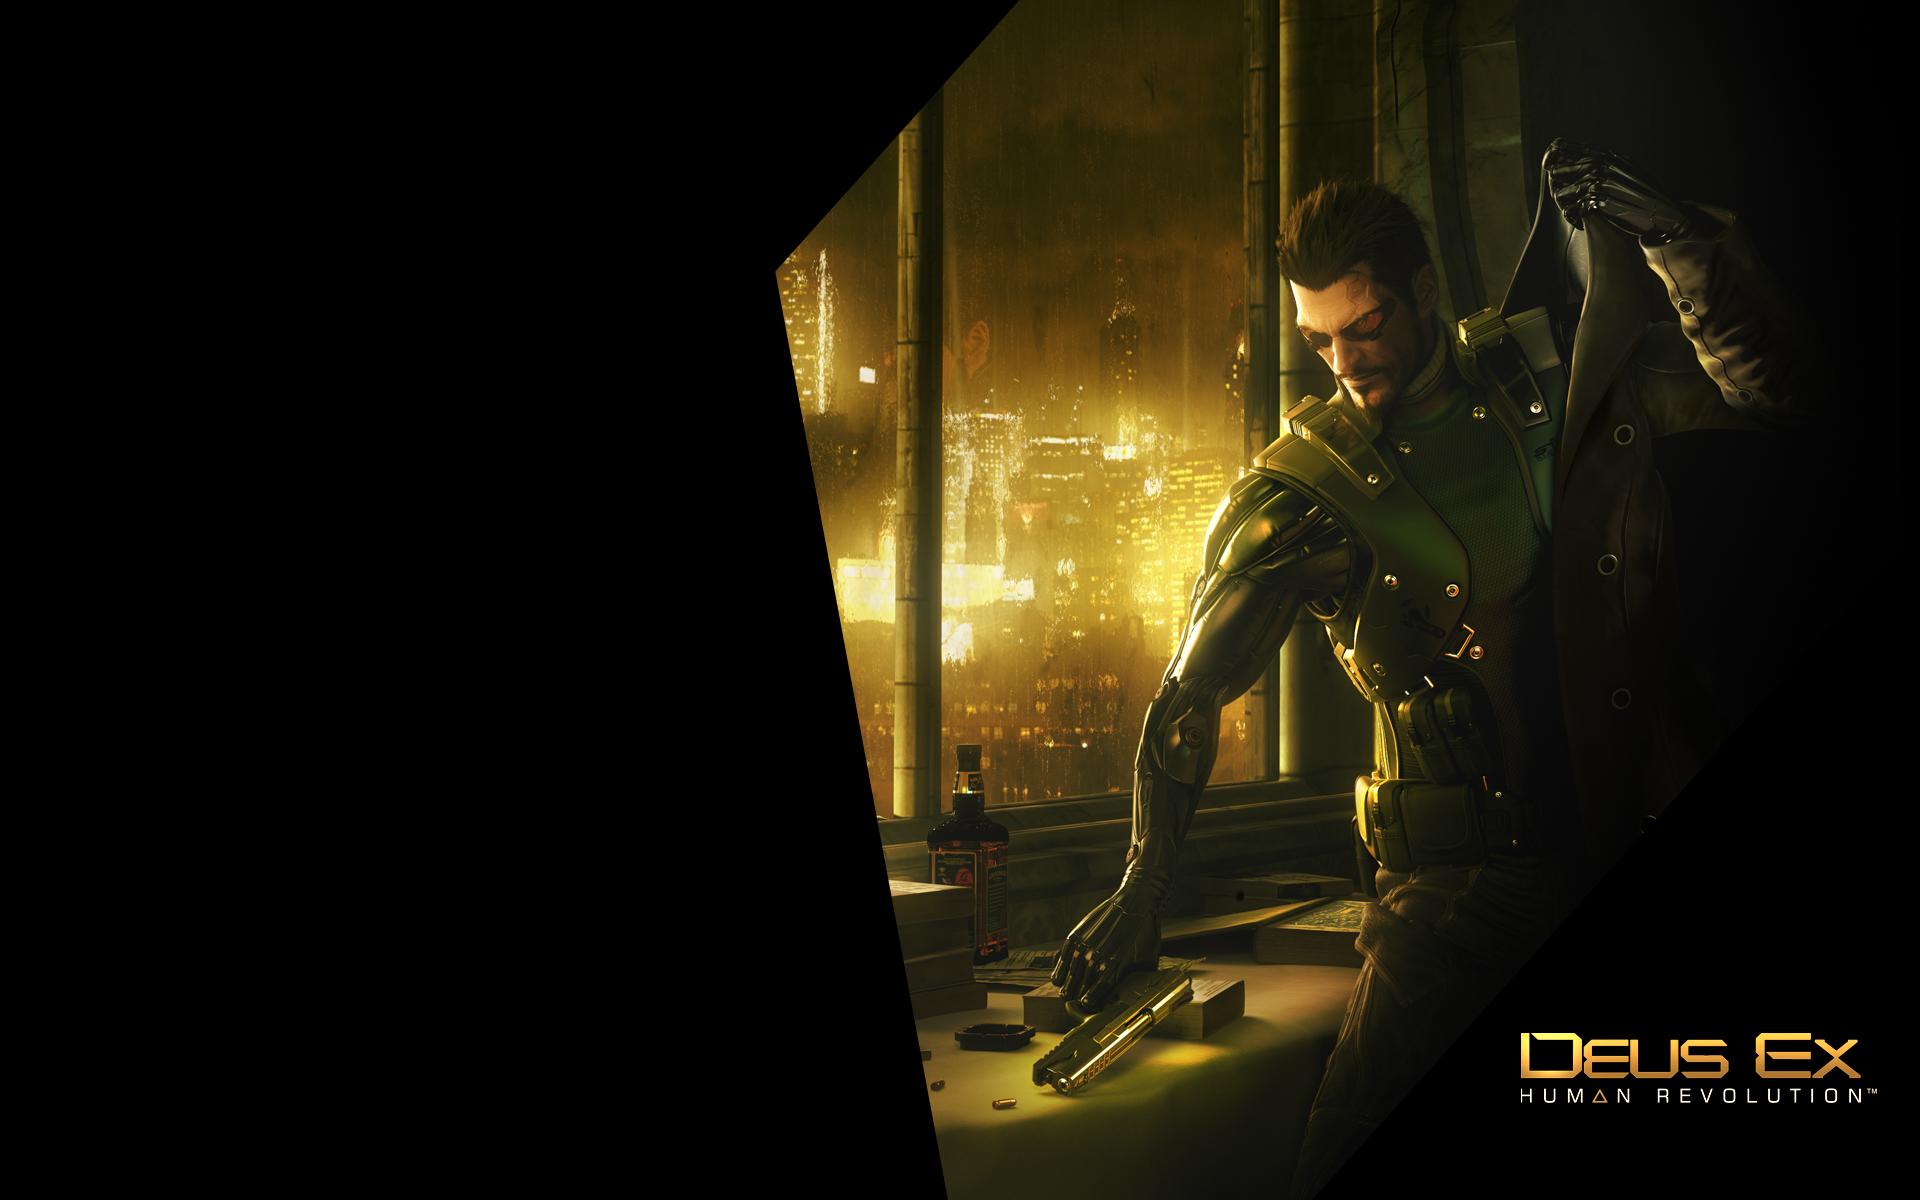 Deus Ex Human Revolution Wallpapers HD Wallpapers 1920x1200